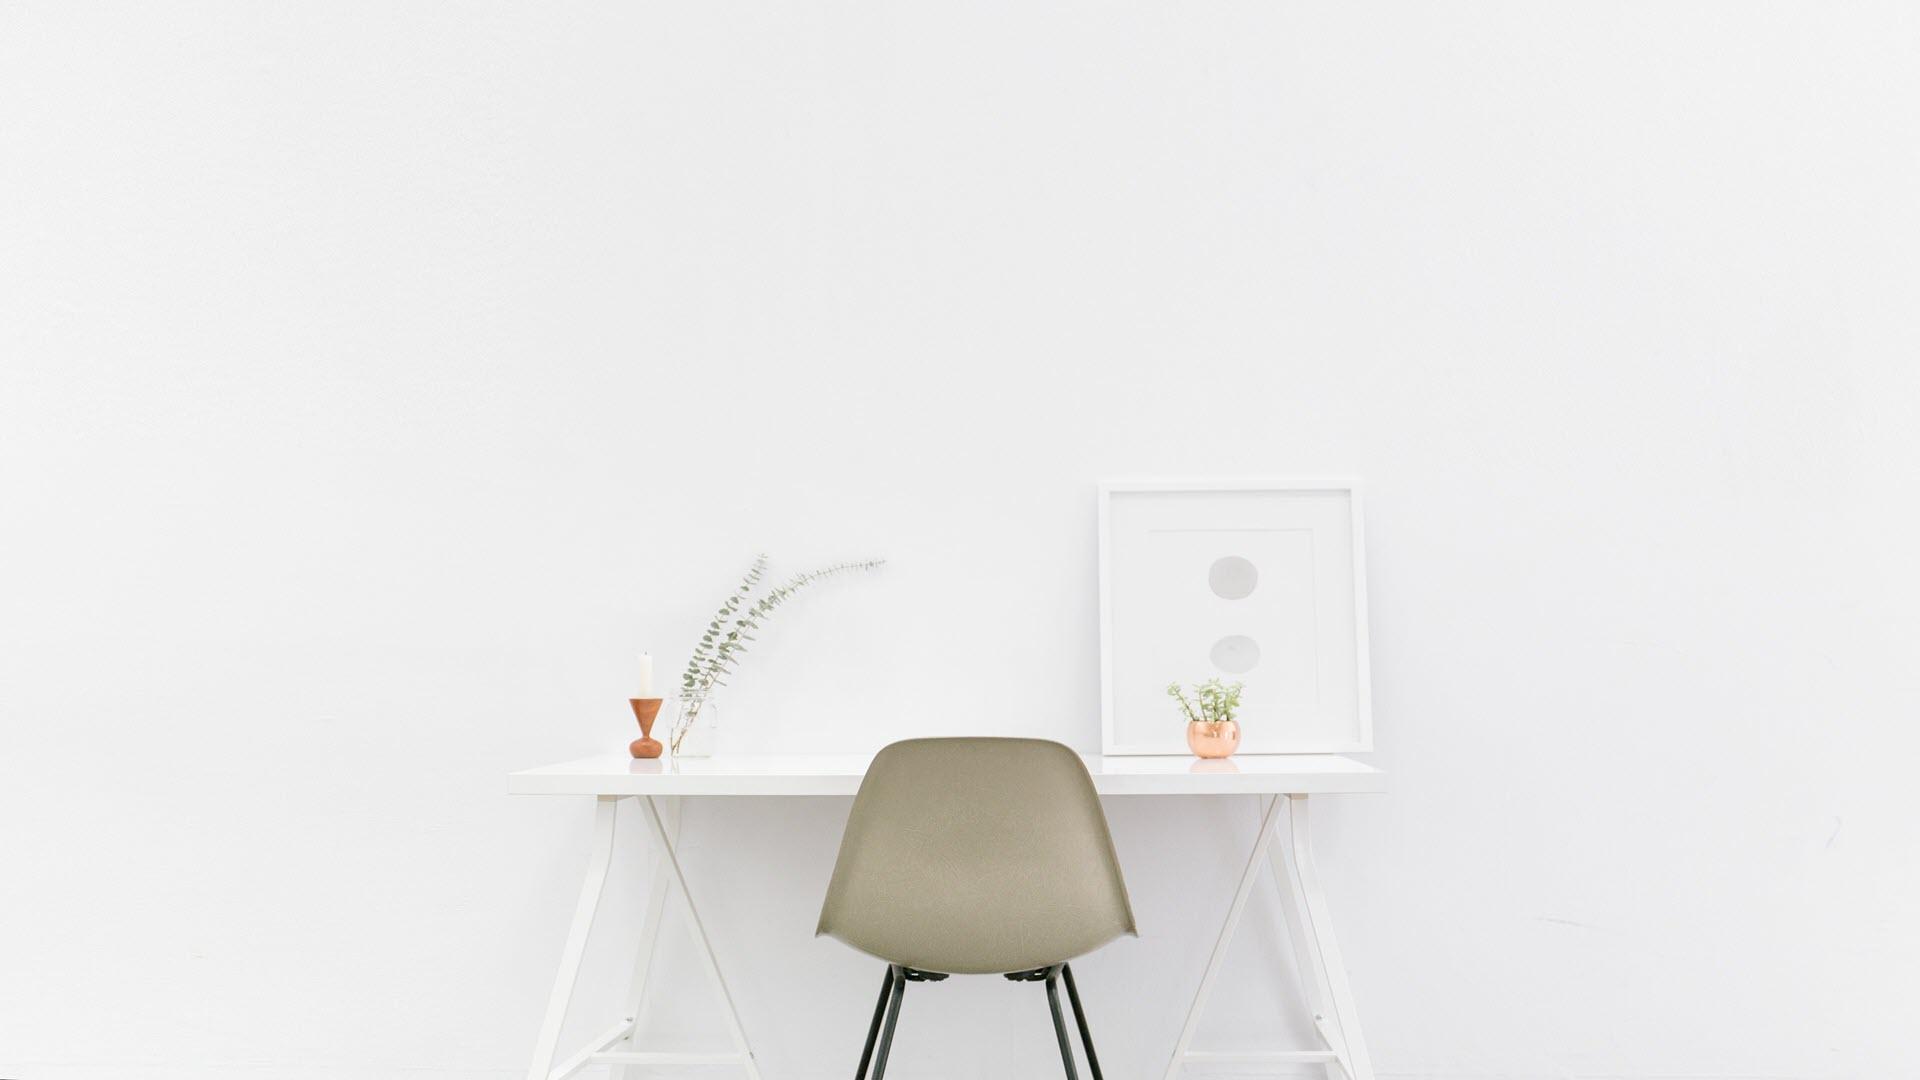 HÌnh nền màu trắng đơn giản hiện đại nhất